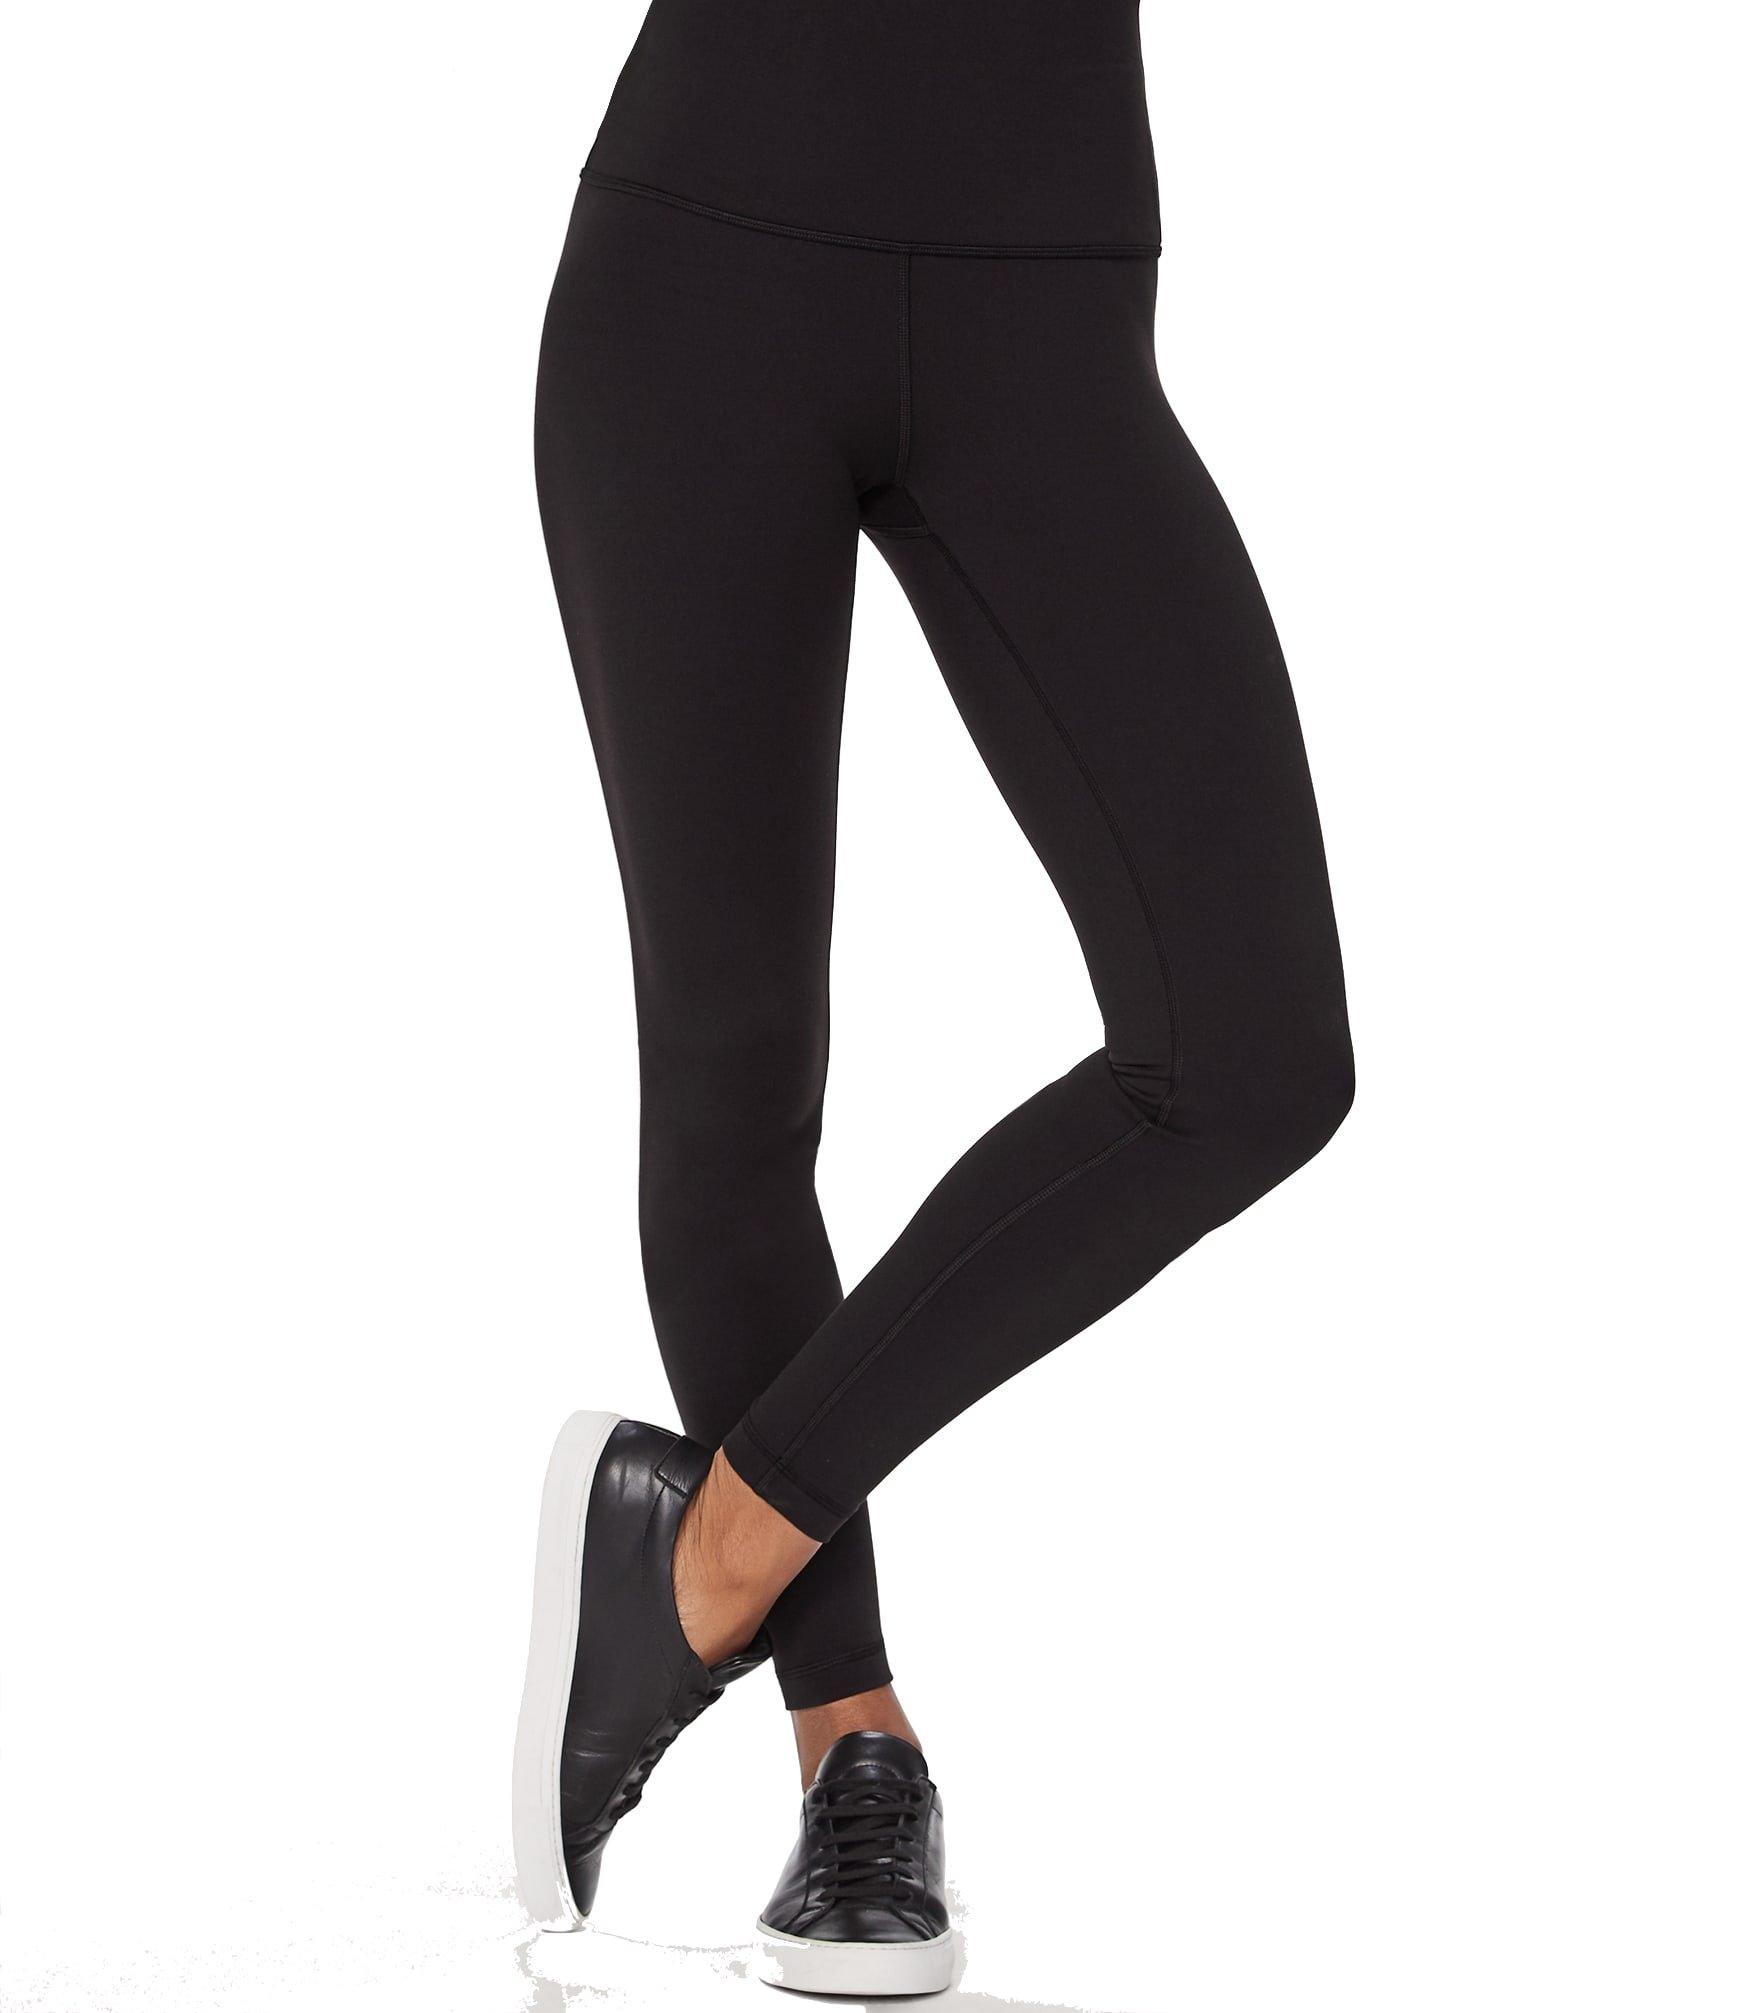 Lululemon Wunder Under Yoga Pants Super High Rise (Black, 2)